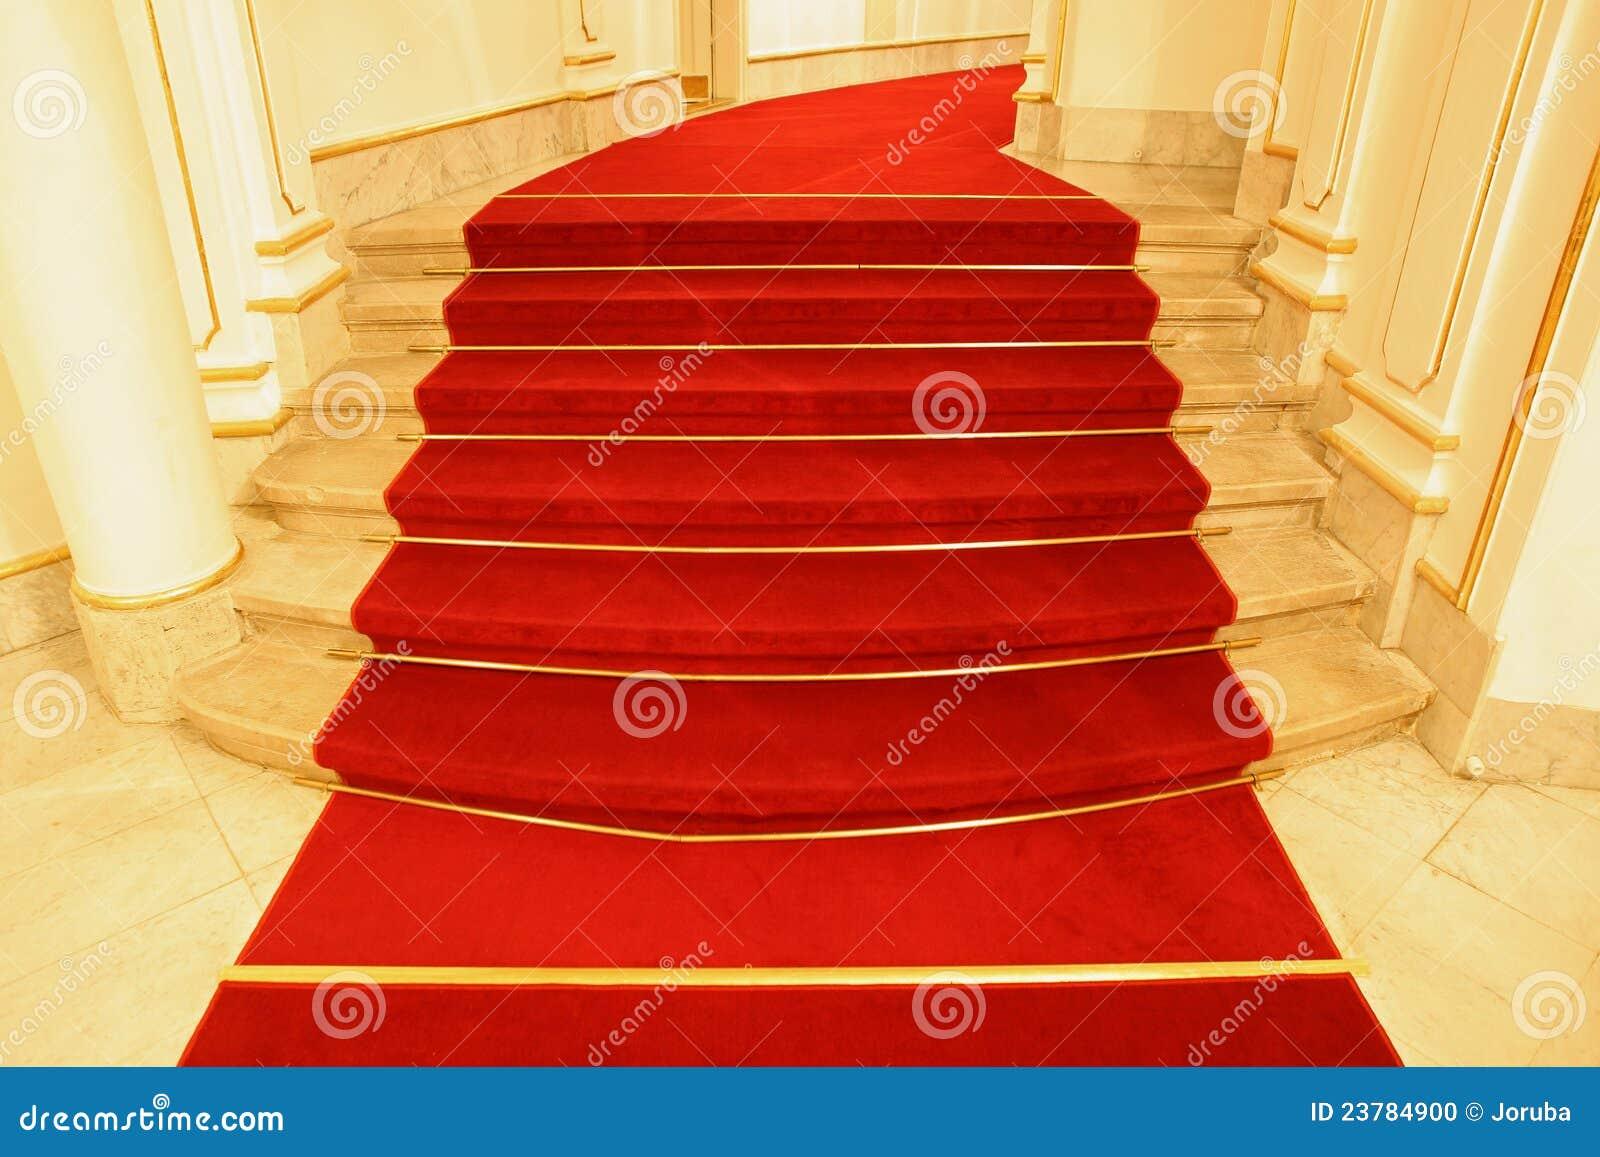 Las escaleras cubrieron la alfombra roja foto de archivo for Escaleras con alfombra